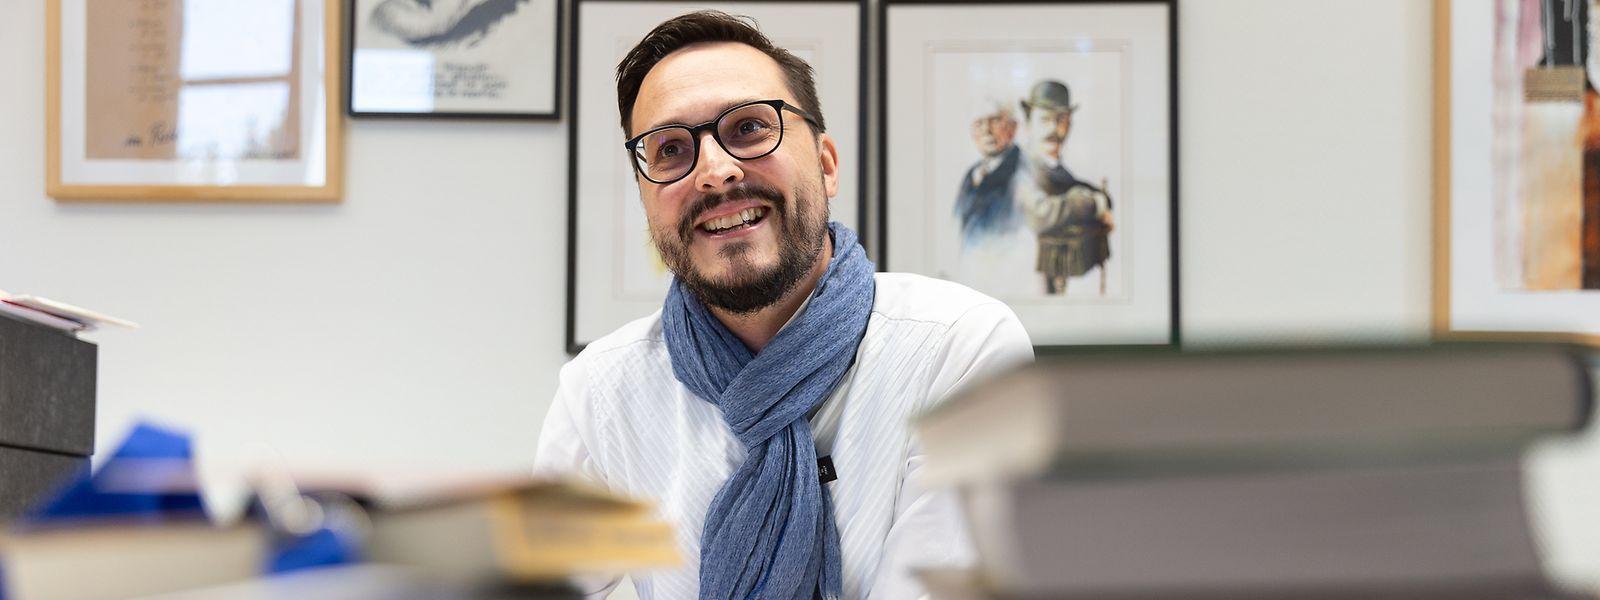 Claude Conter ist seit Mai 2012 Direktor des nationalen Literaturzentrums in Mersch.